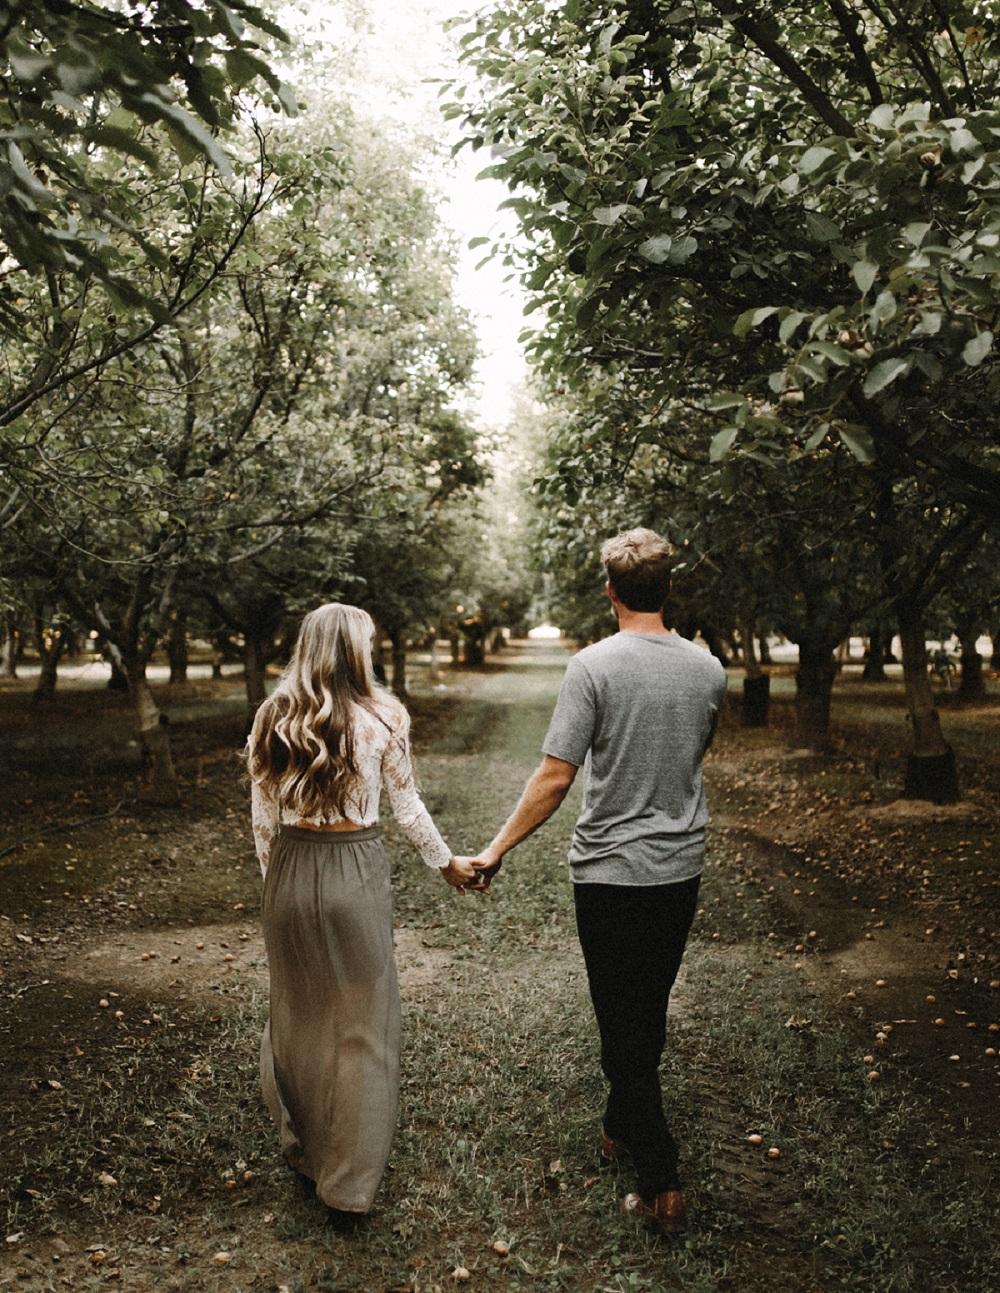 Stel hand in hand tussen de bomen